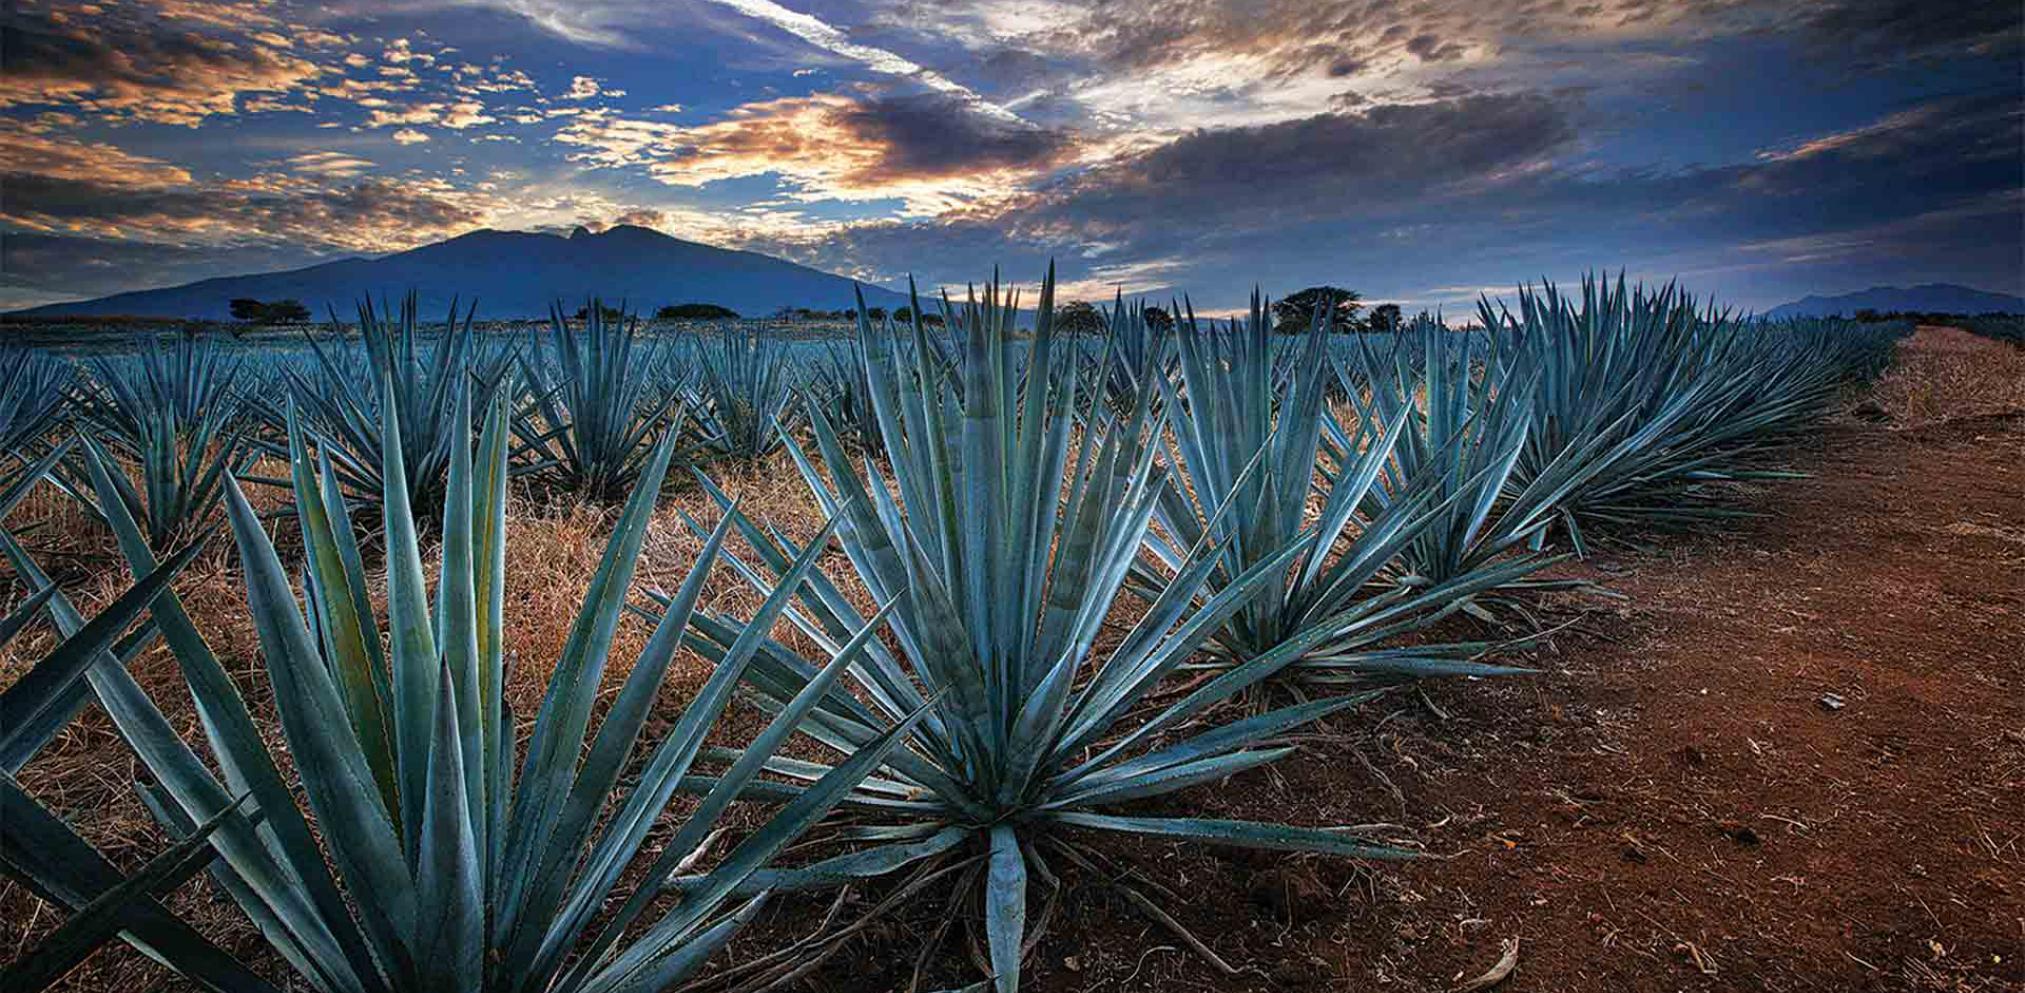 WEST MEXICO - COLIMAJALISCOMICHOACAN